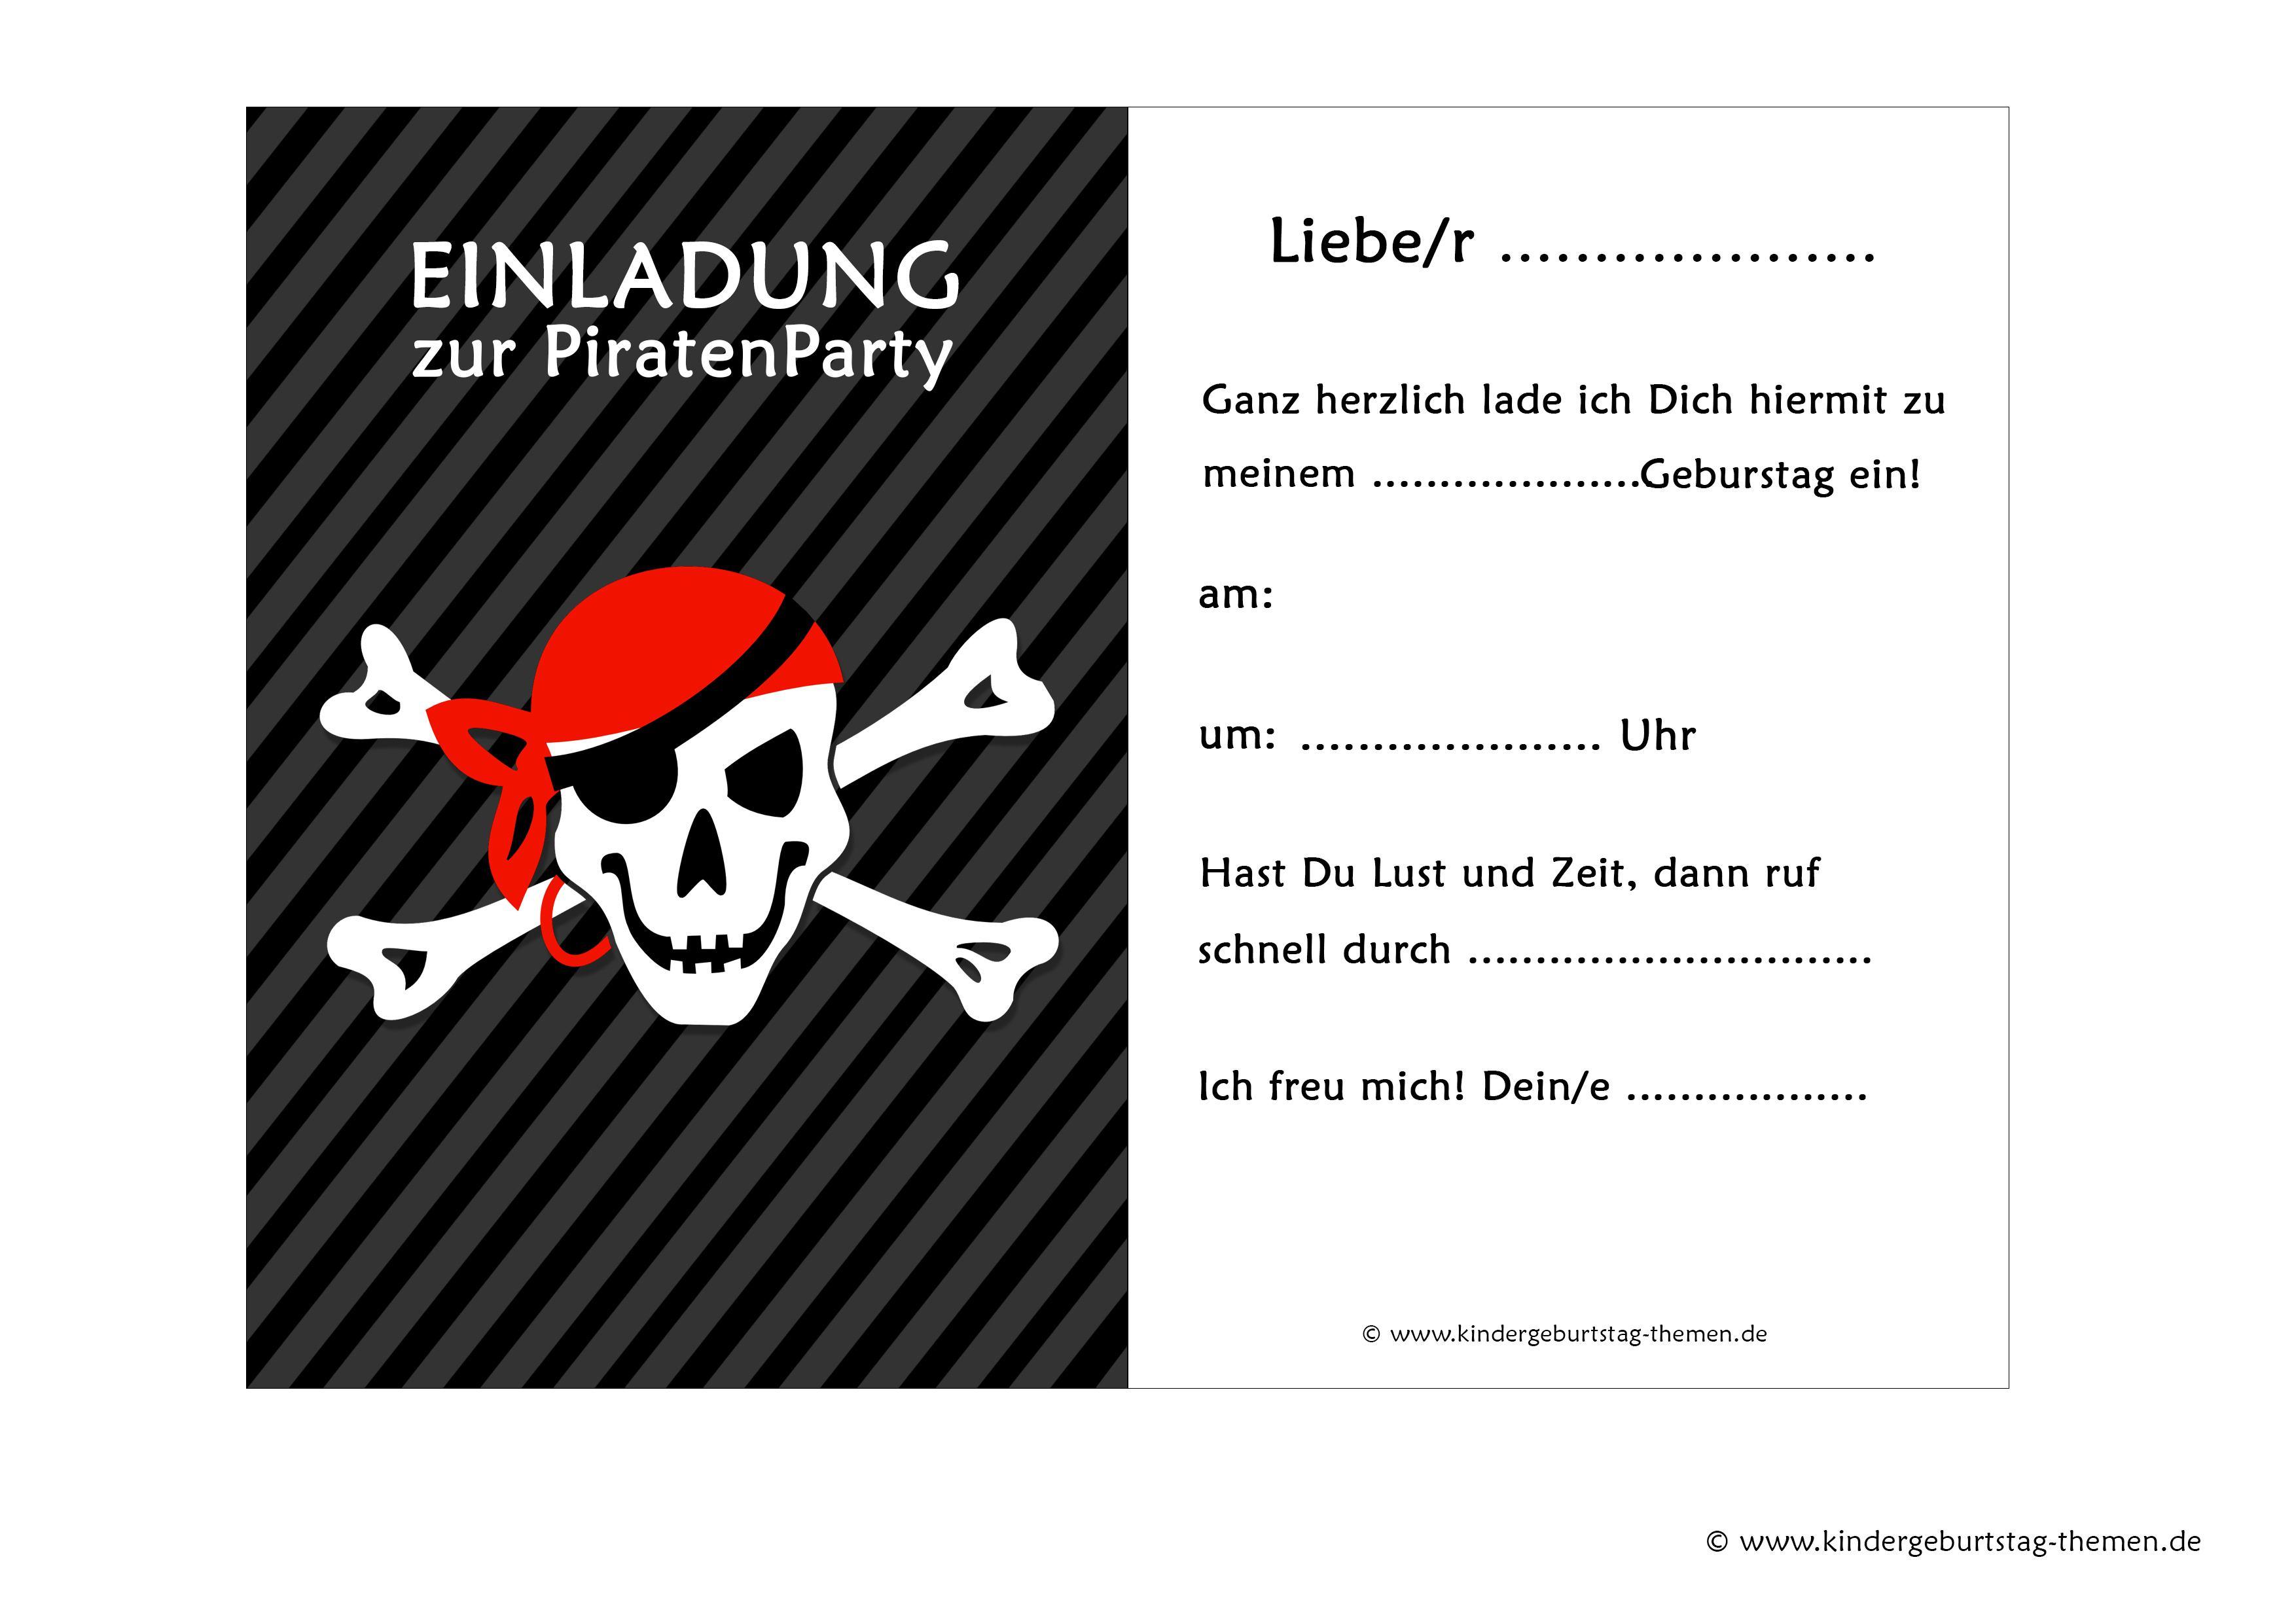 Related Image For Einladung Text Einladung Kindergeburtstag Lustige Texte